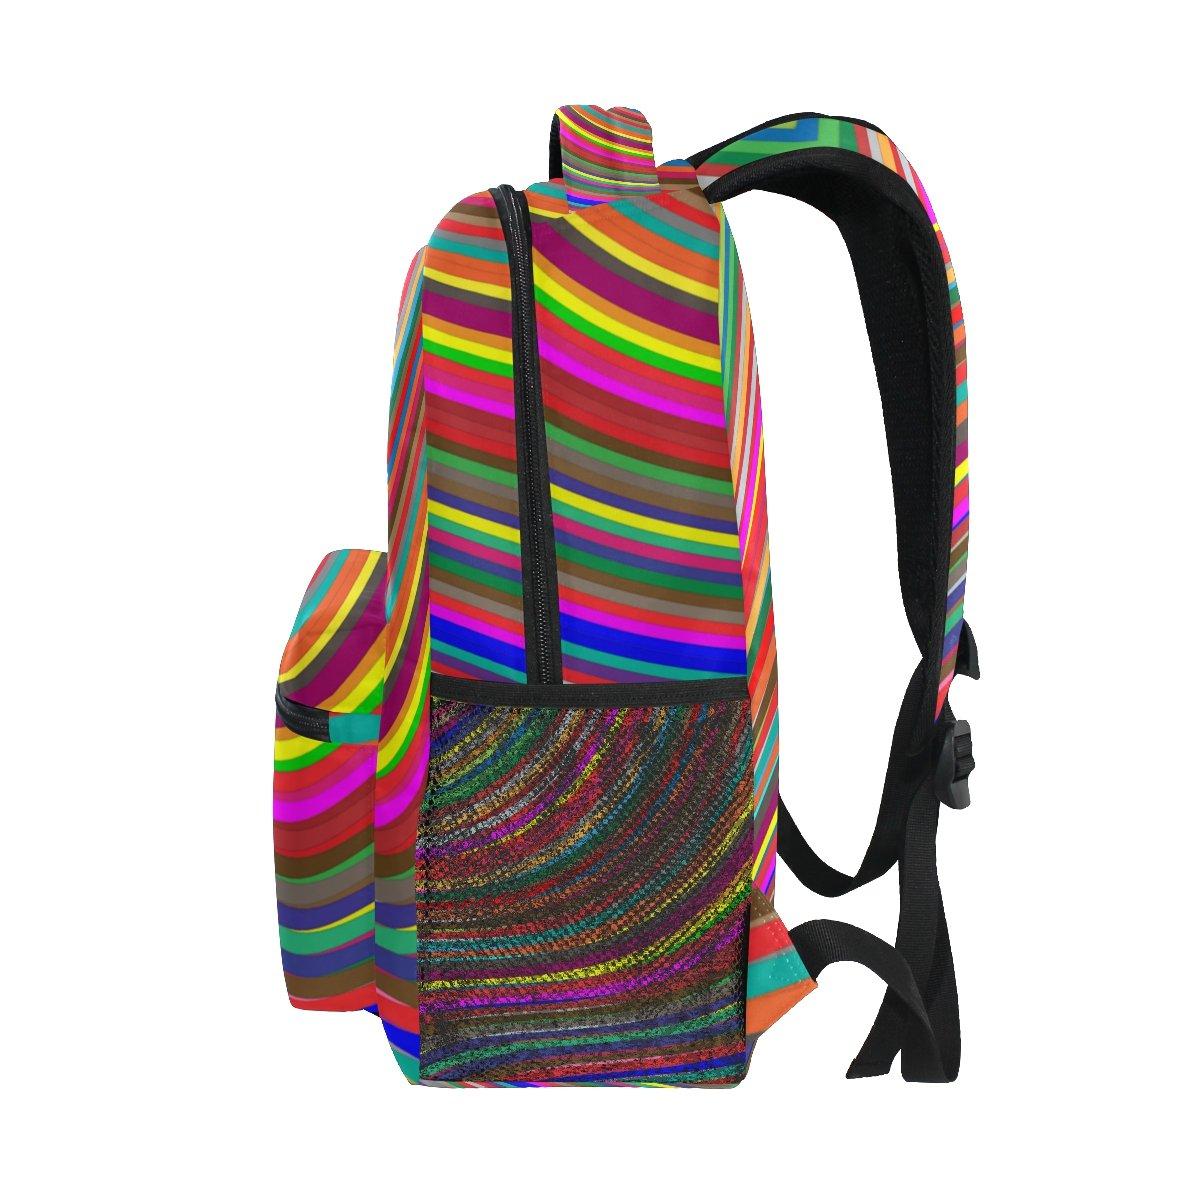 ISAOA g6689082p203c237s337 - Adulto, Mochila de Senderismo Unisex Adulto, - L, Color 31b770